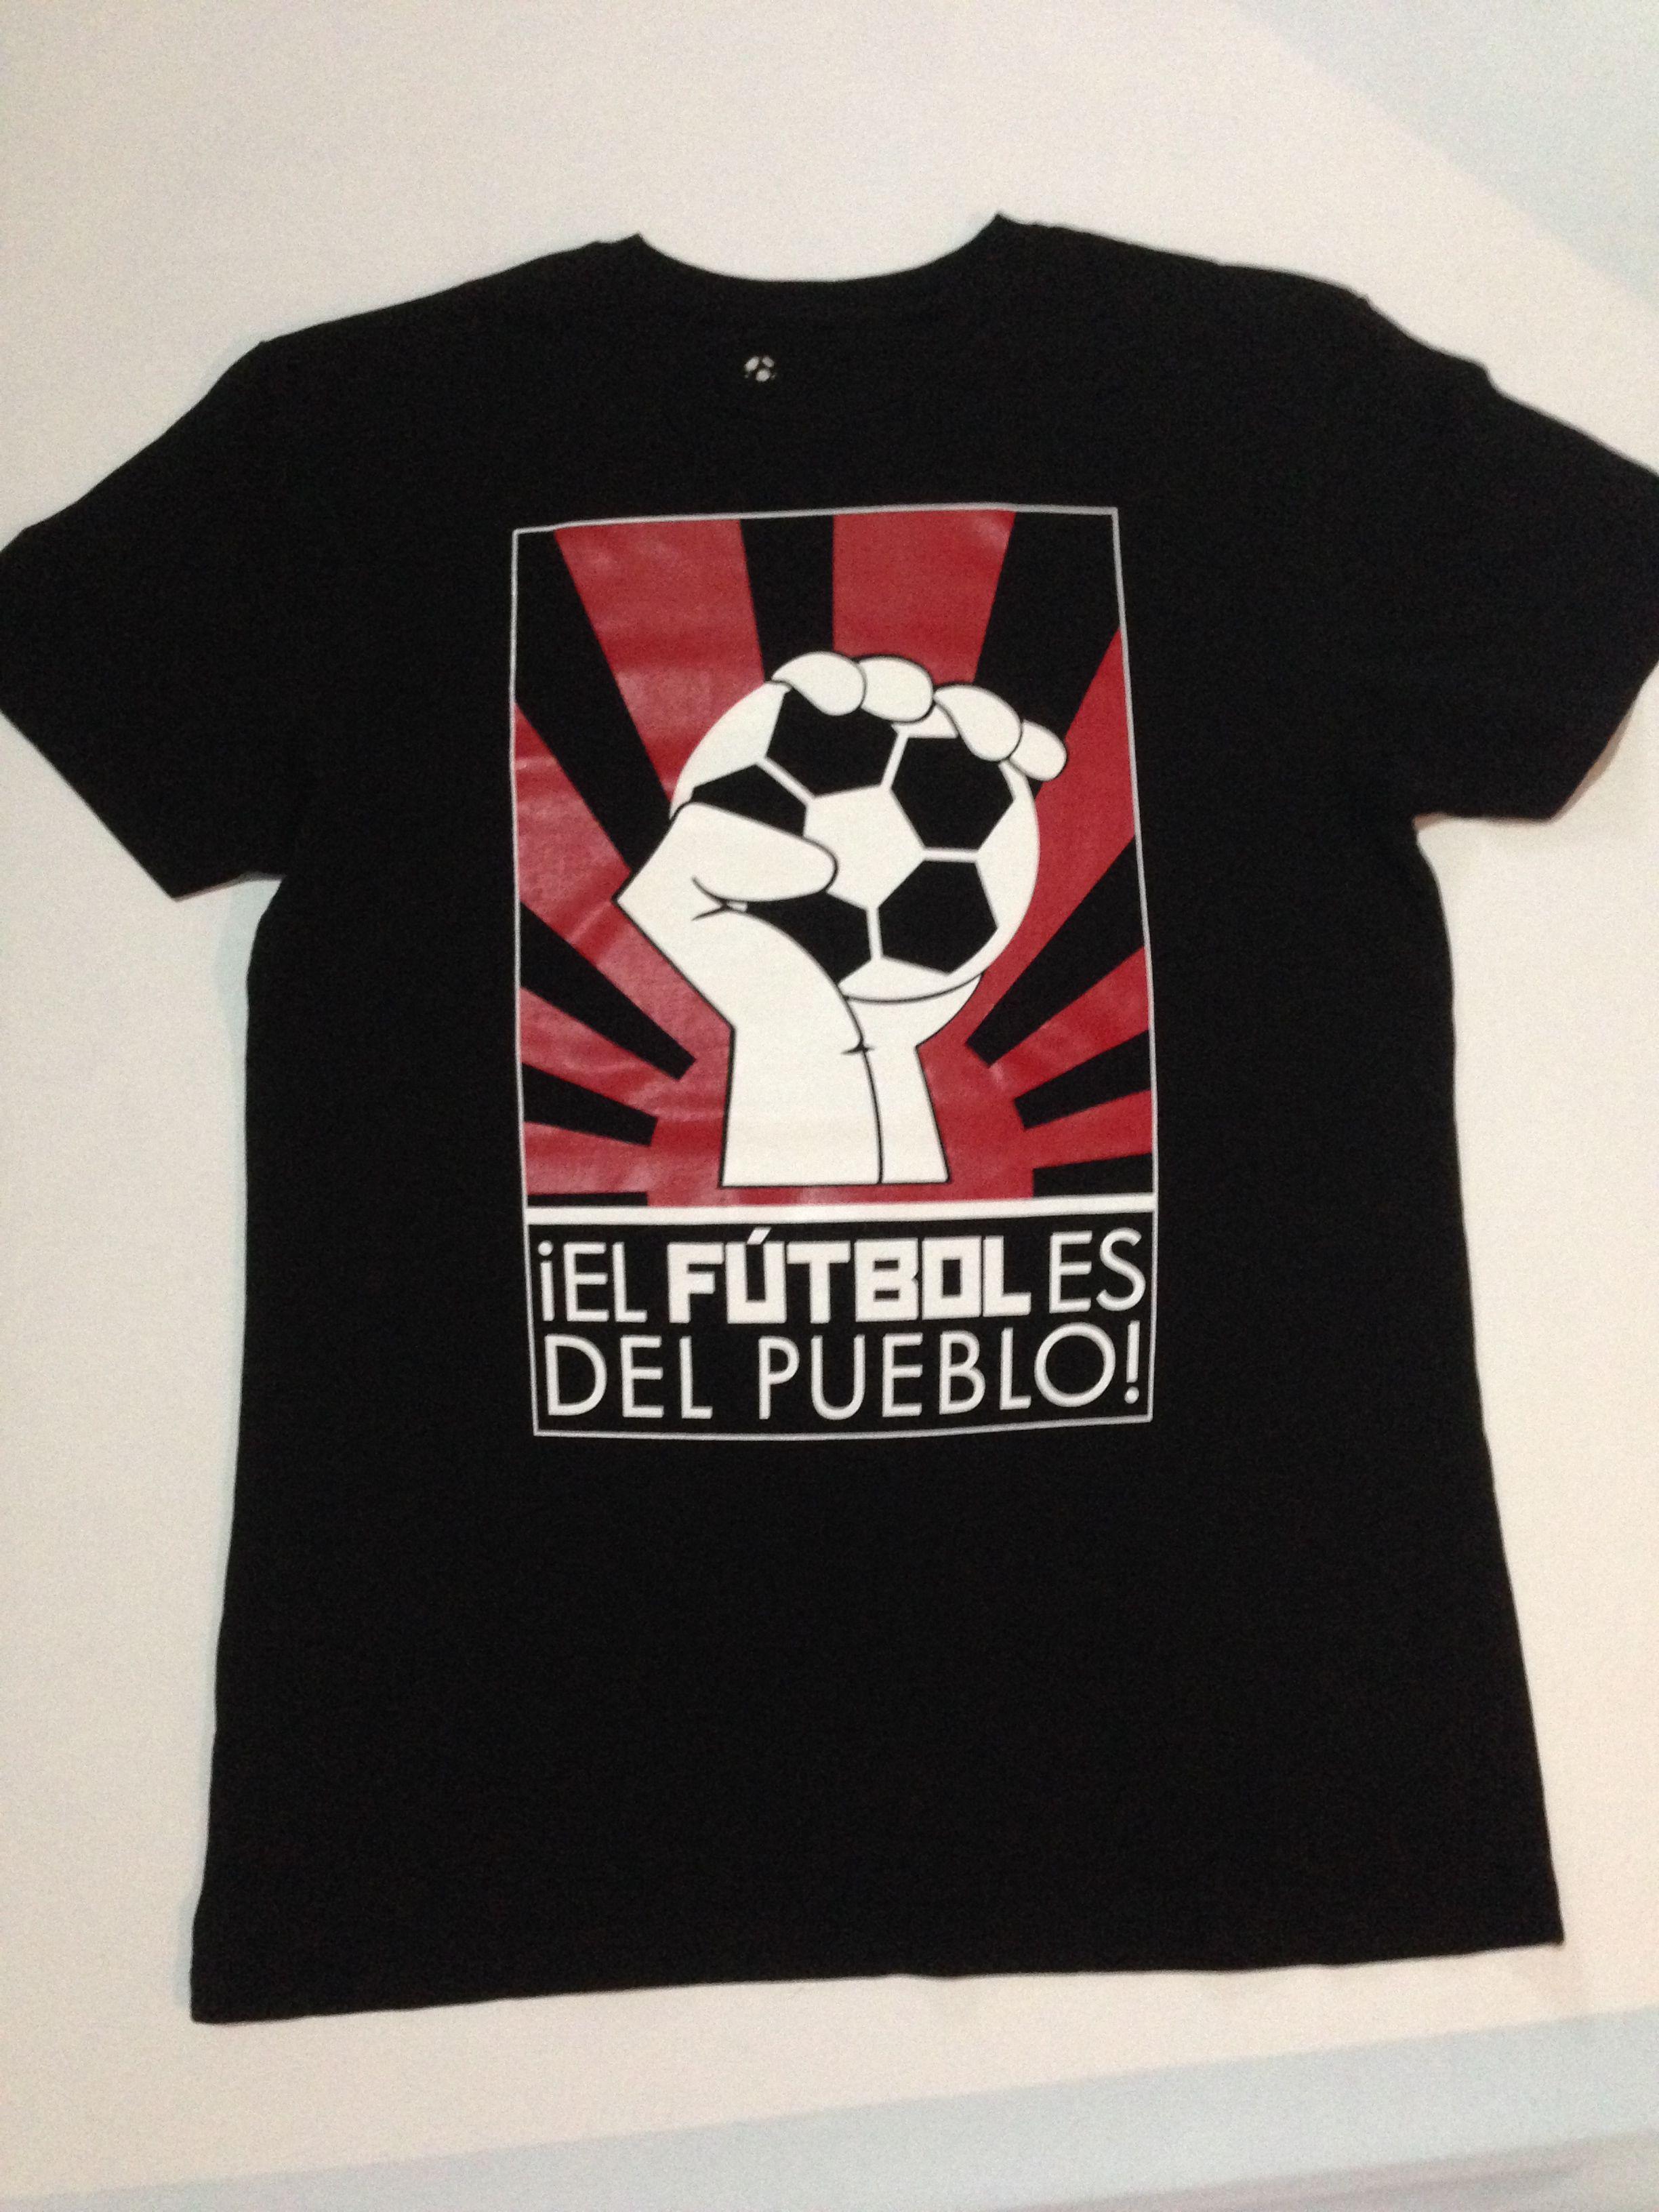 Hooligan TheBrand - El fútbol es del pueblo - Encuéntrala en ZMOG - Plaza Galerías y Plaza Ciudadela Lifestyle. — en Guadalajara.